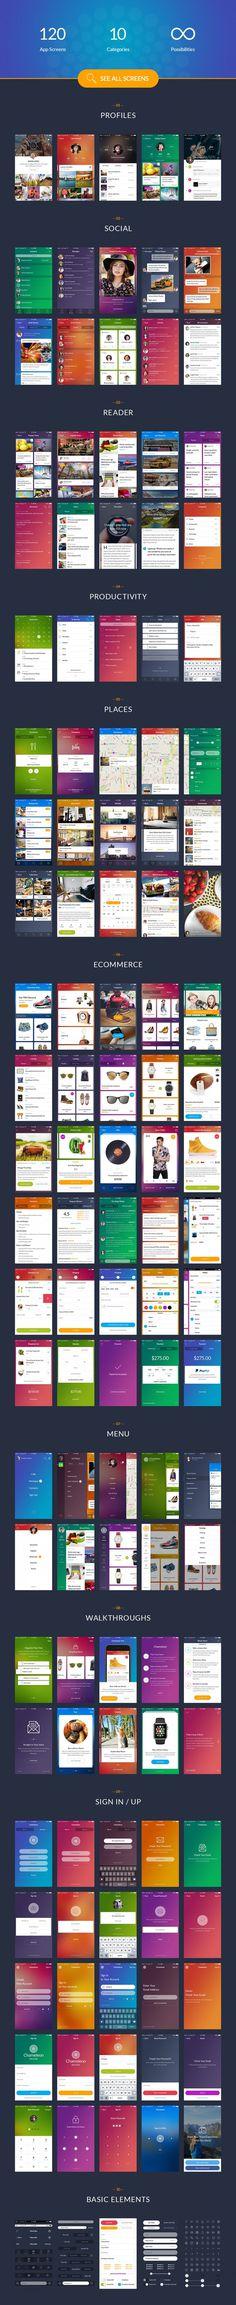 Chameleon: iOS UI Kit